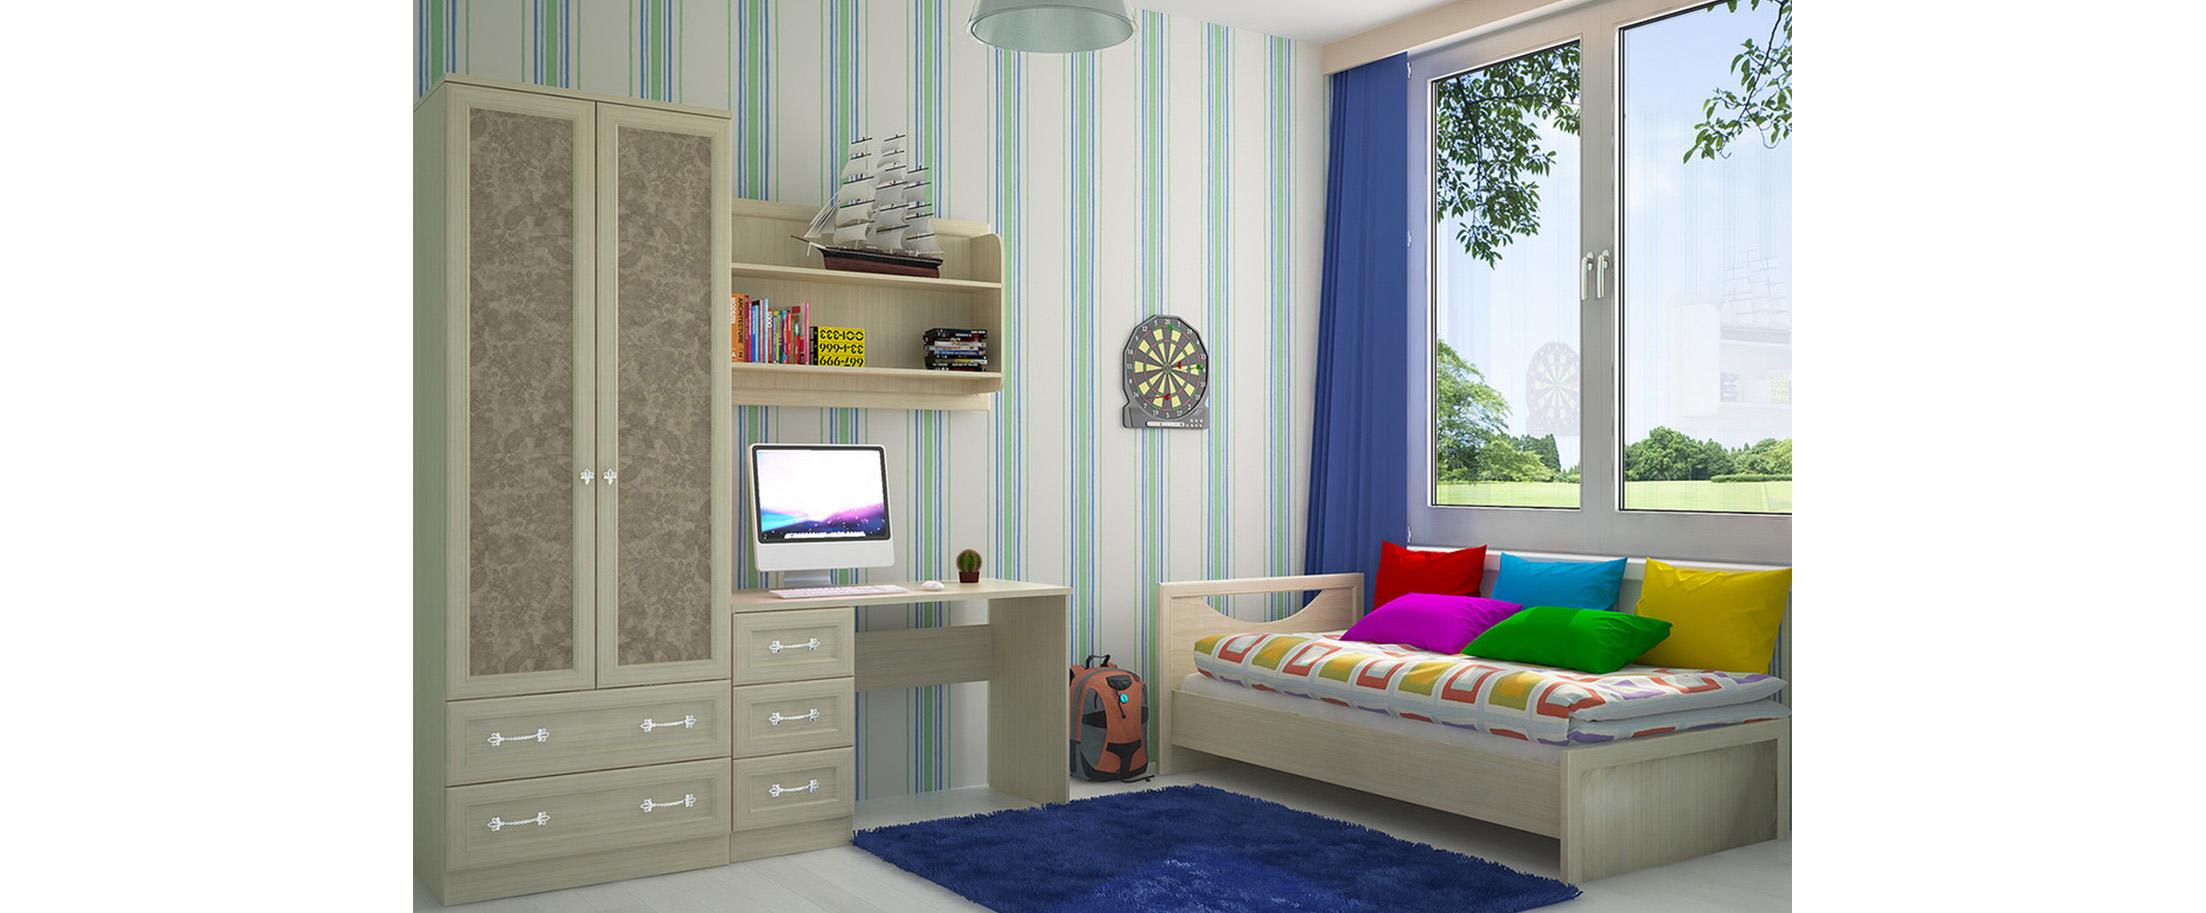 Детская светлая Дженни 2 Модель 349Купить удобный и практичный набор детской мебели в интернет магазине MOON TRADE. Спальное место 90х190 см. Быстрая доставка, вынос упаковки, гарантия! Выгодная покупка!<br>